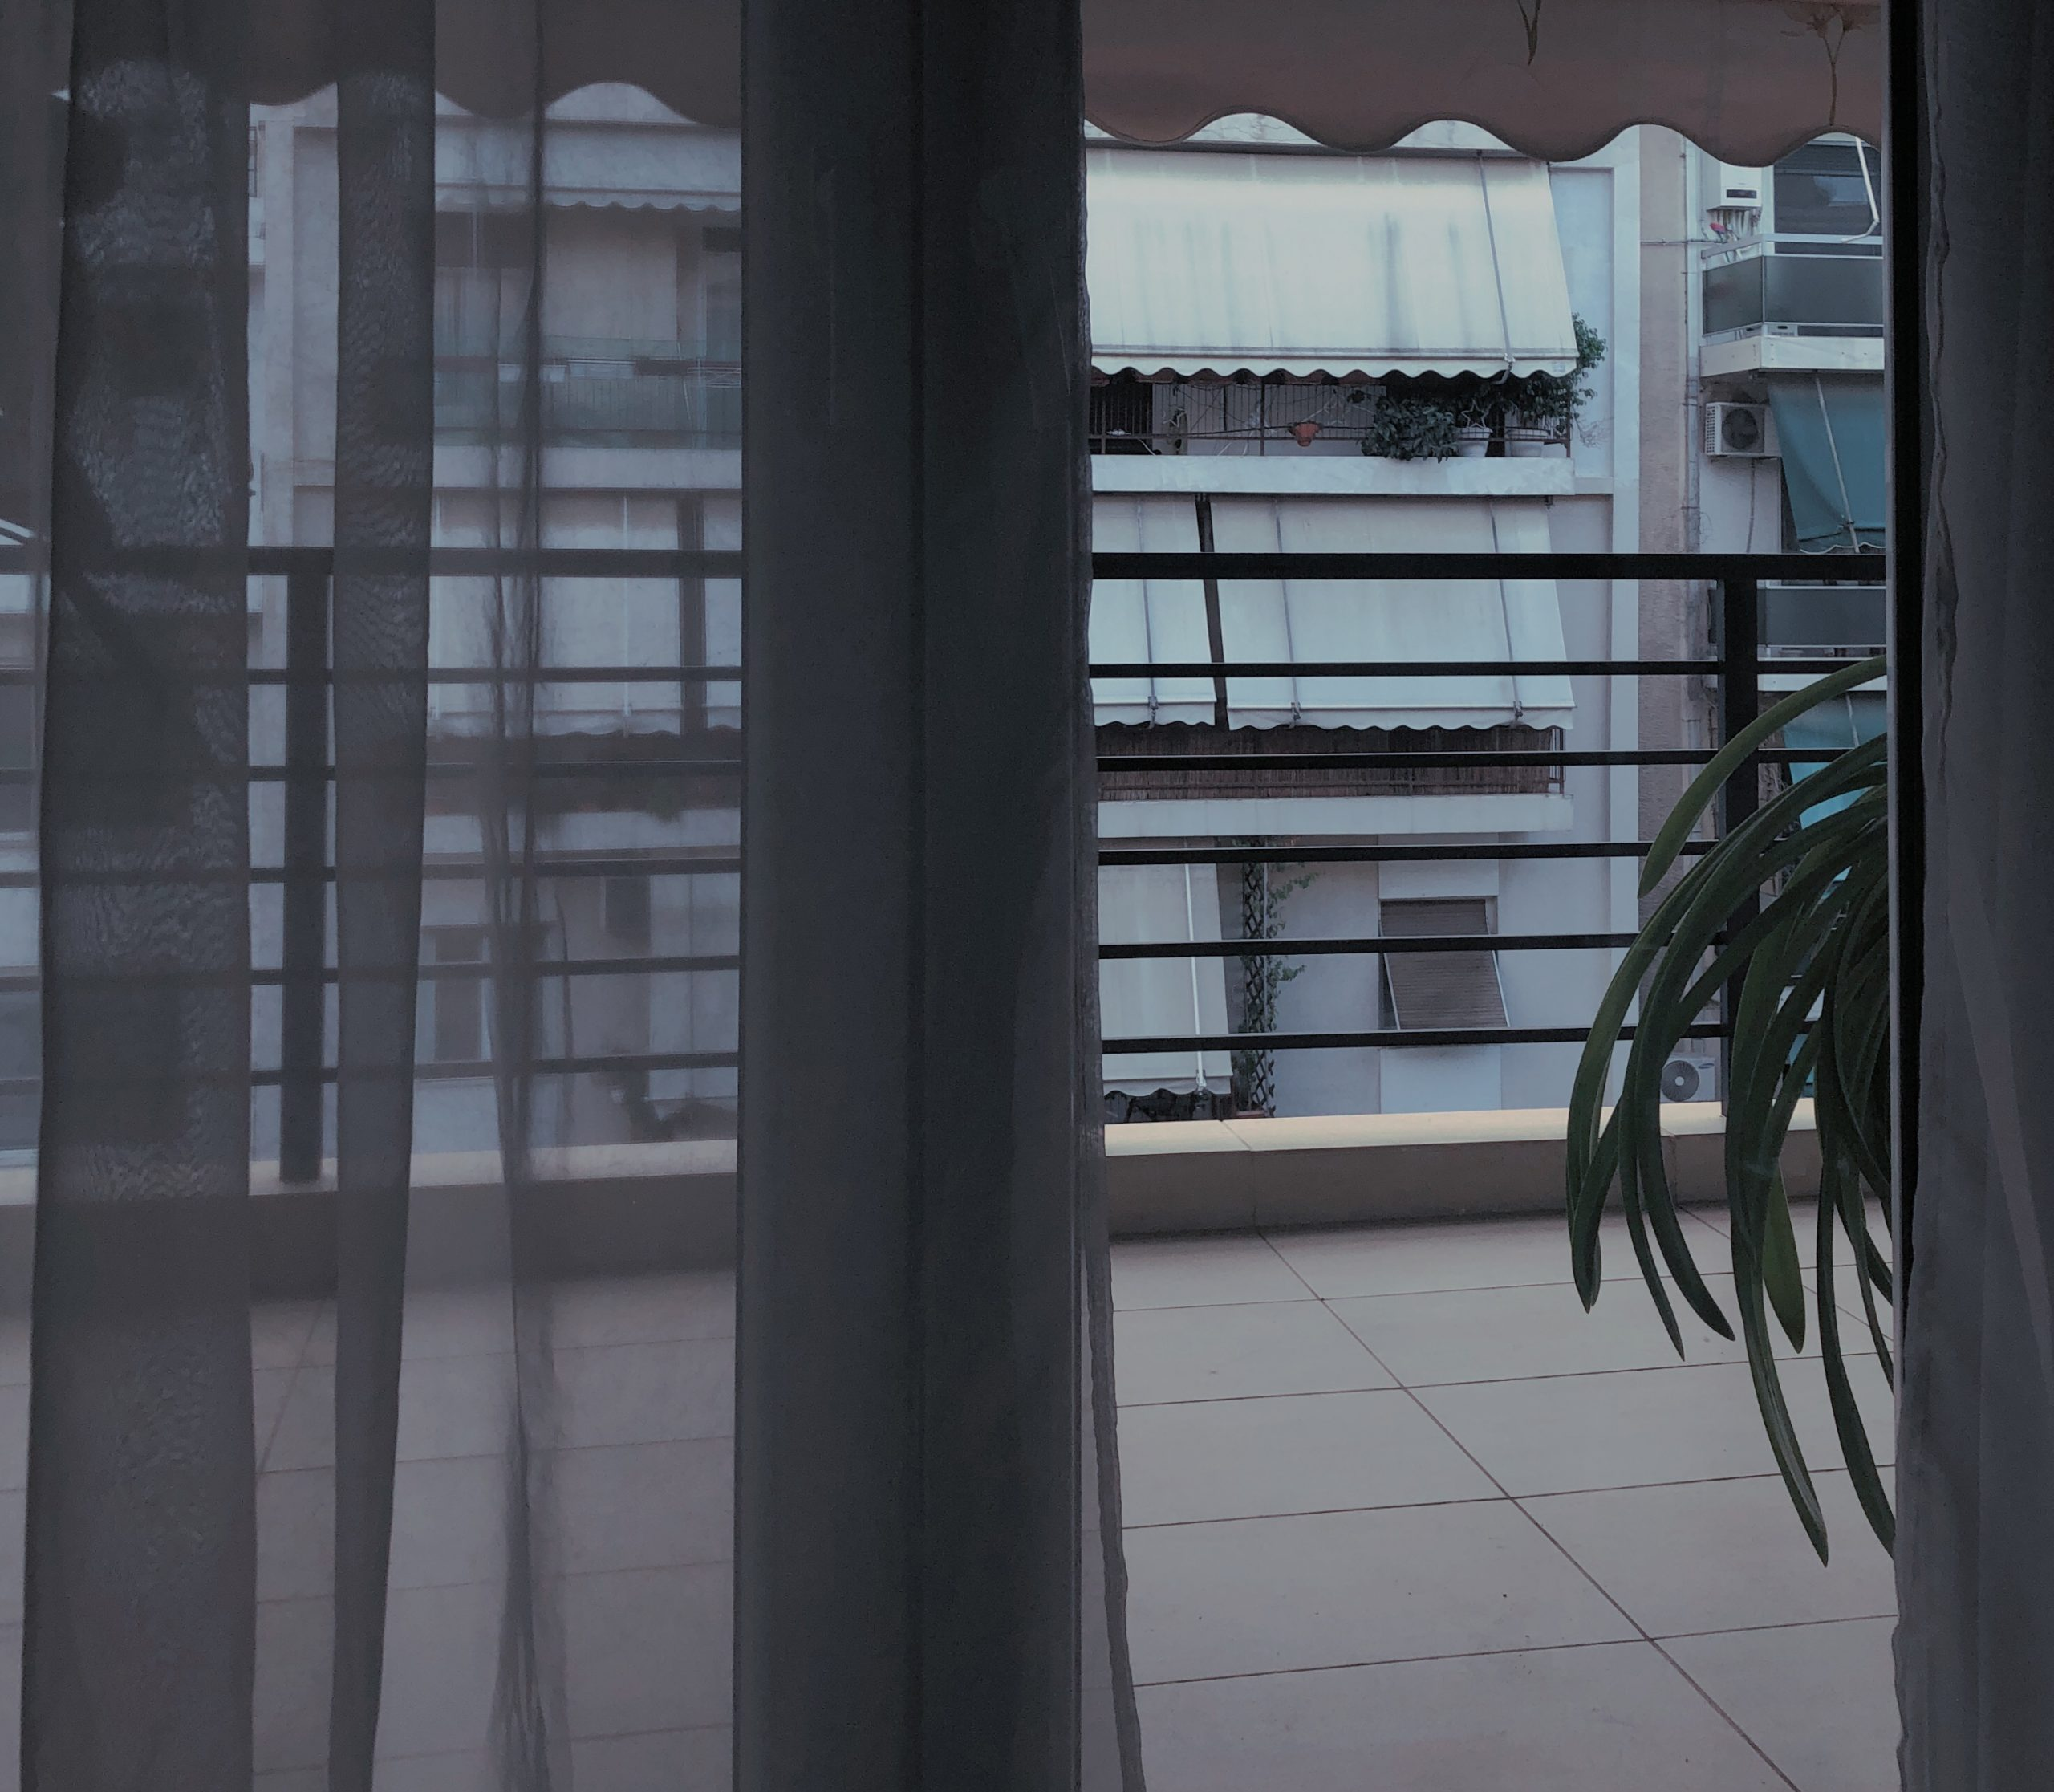 Blick aus dem Fenster auf einen Balkon und der Häuserreihe gegenüber. Die Gardine ist halb zugezogen und eine Topfpflanze schaut hinter der Wand auf dem Balkon hervor.